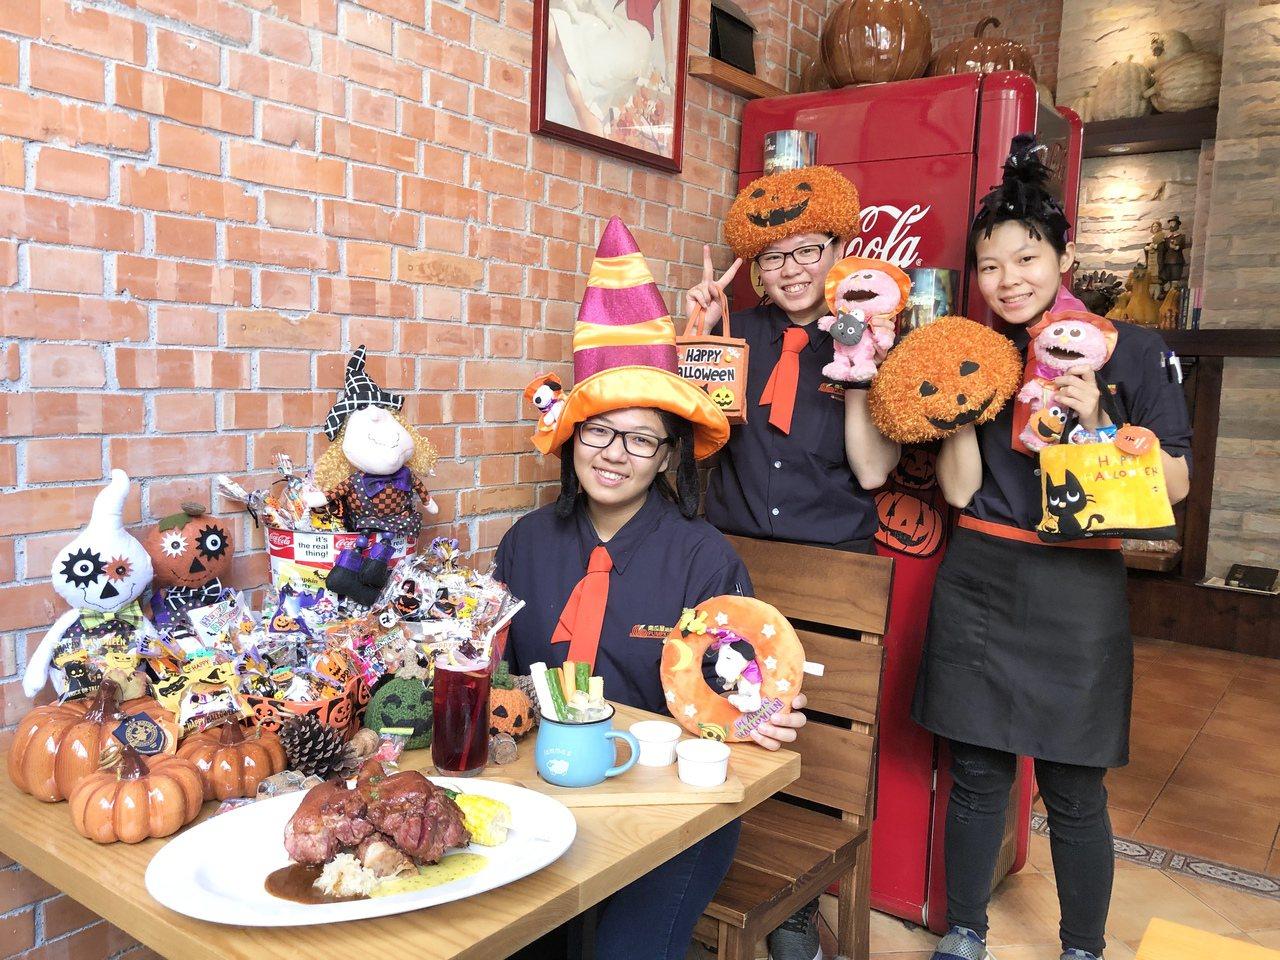 台中市知名餐廳南瓜屋-「傑克的廚房」與「魔女露露的廚房」,從本月19日起同步推出...